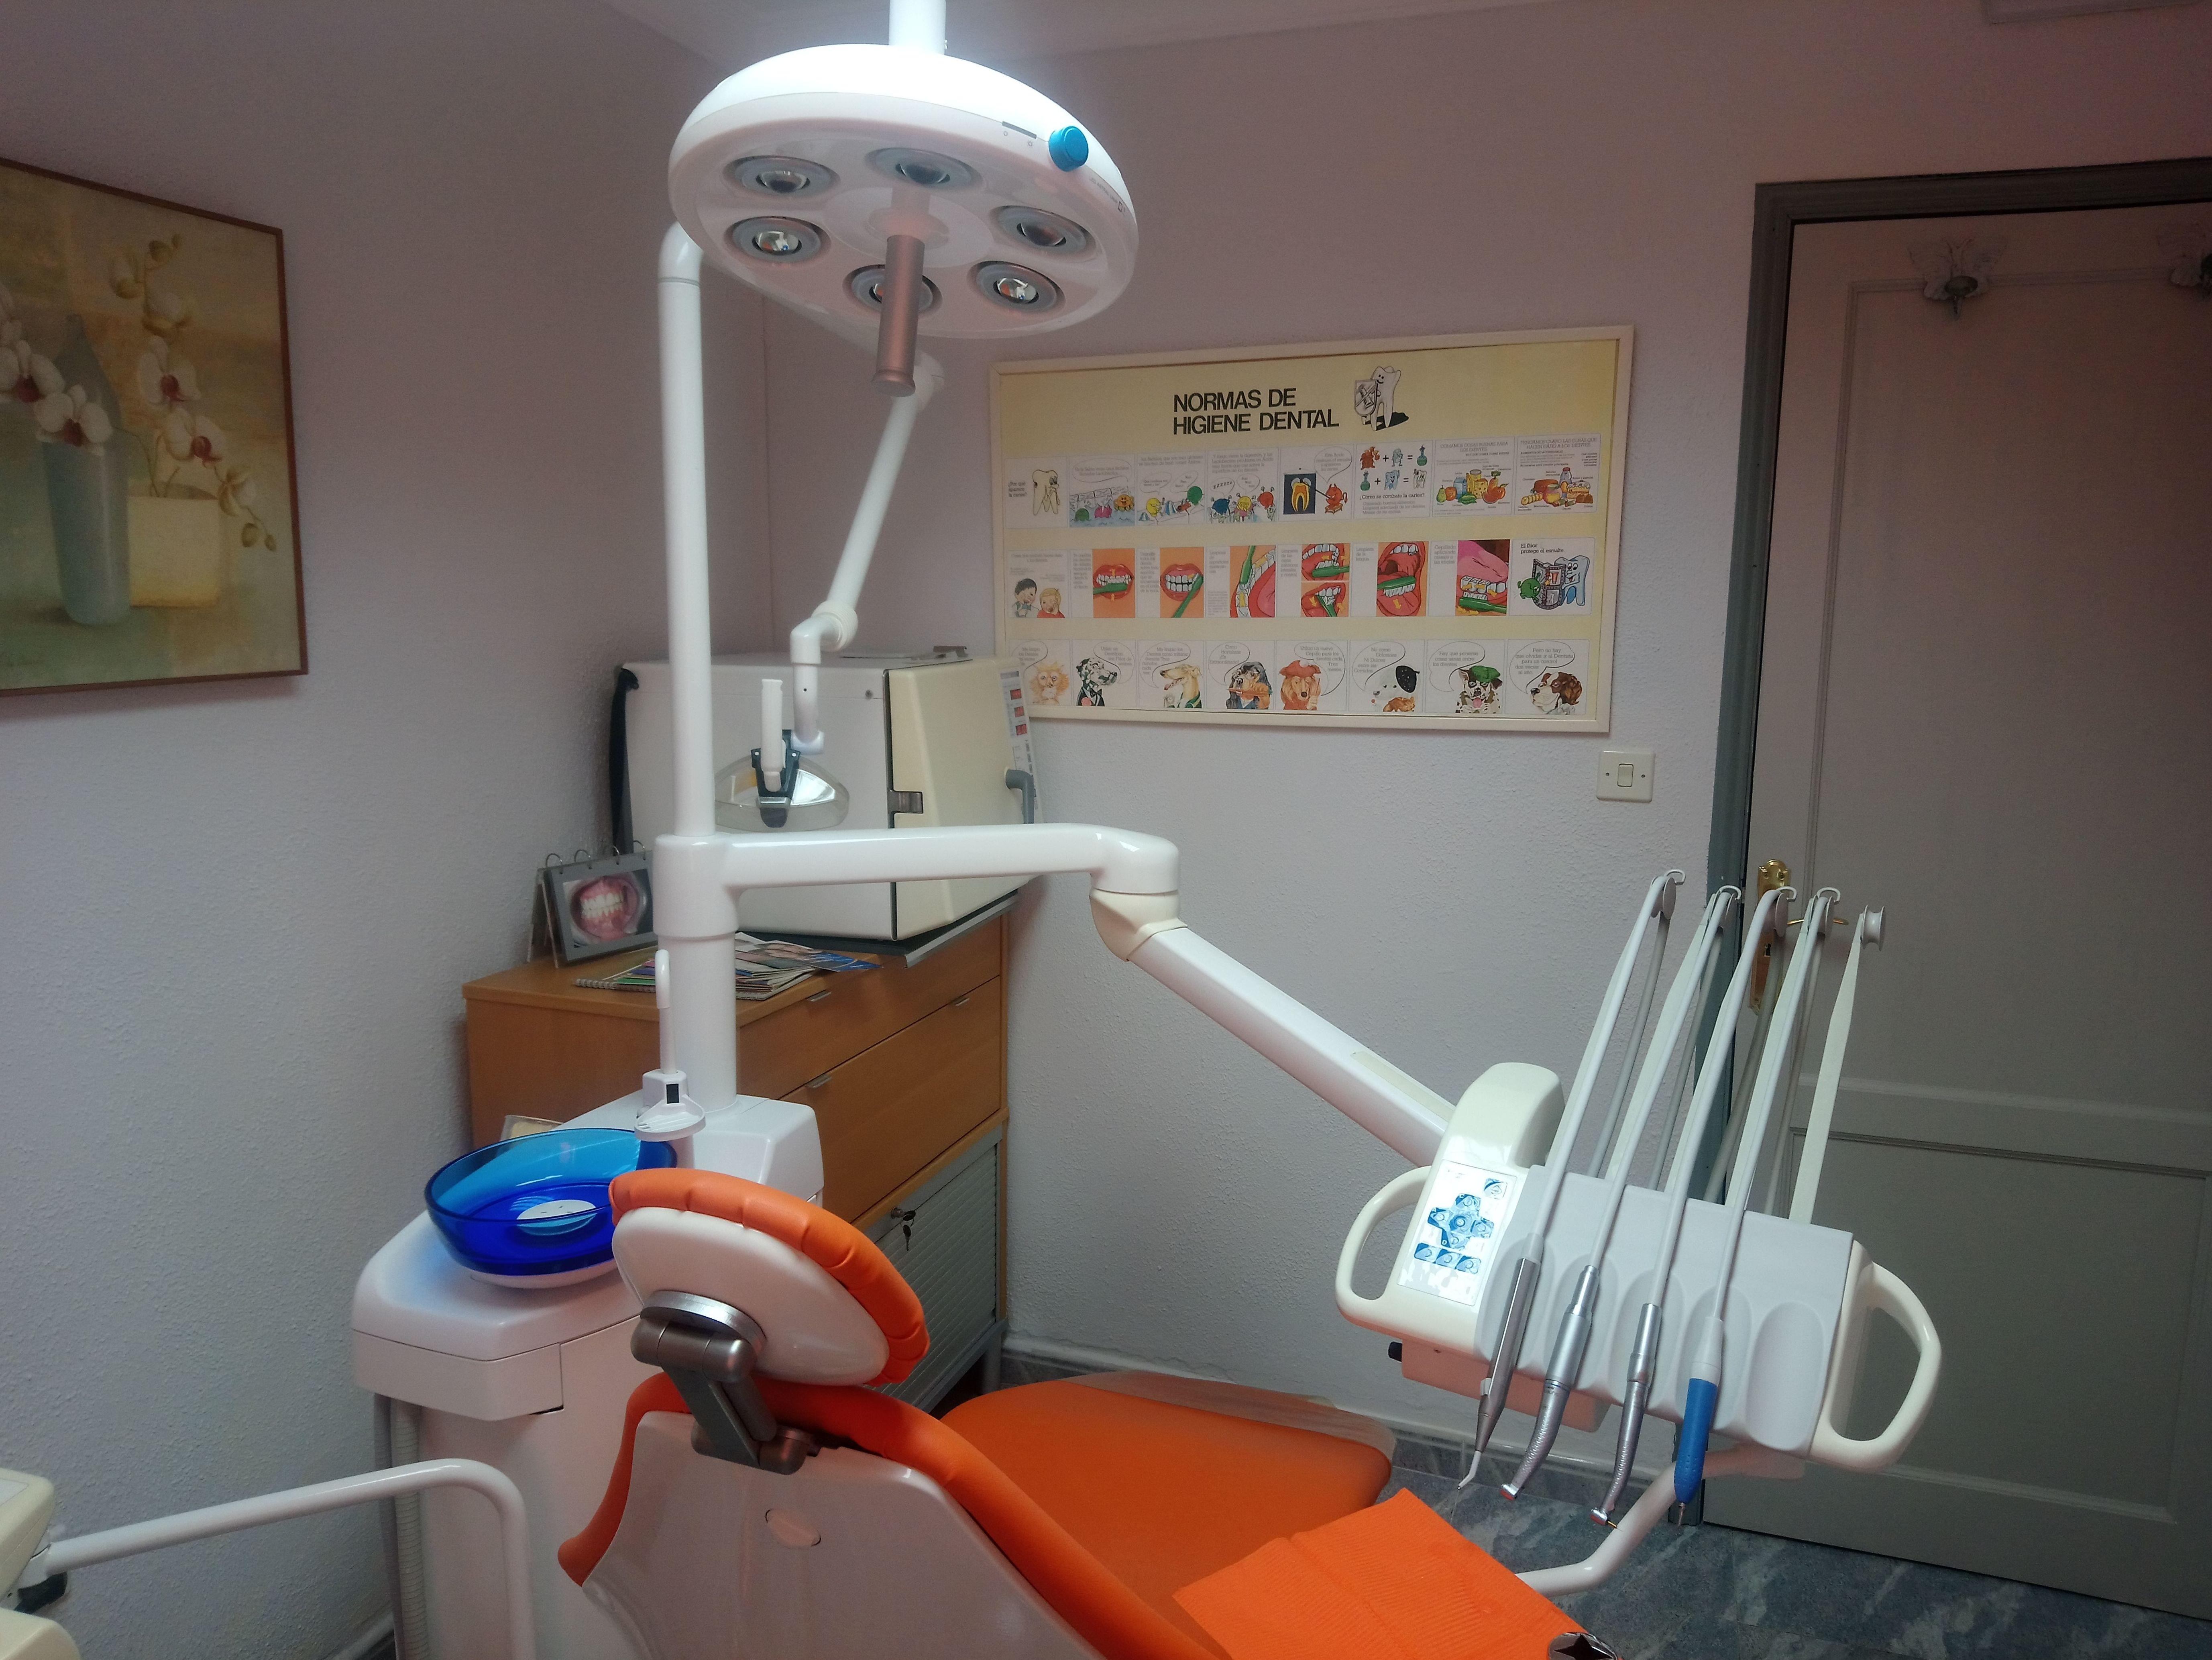 Foto 1 de Clínicas dentales en Santa Cruz de la Palma | Clínica Dental Dra. Belkys Hernández Cabrera